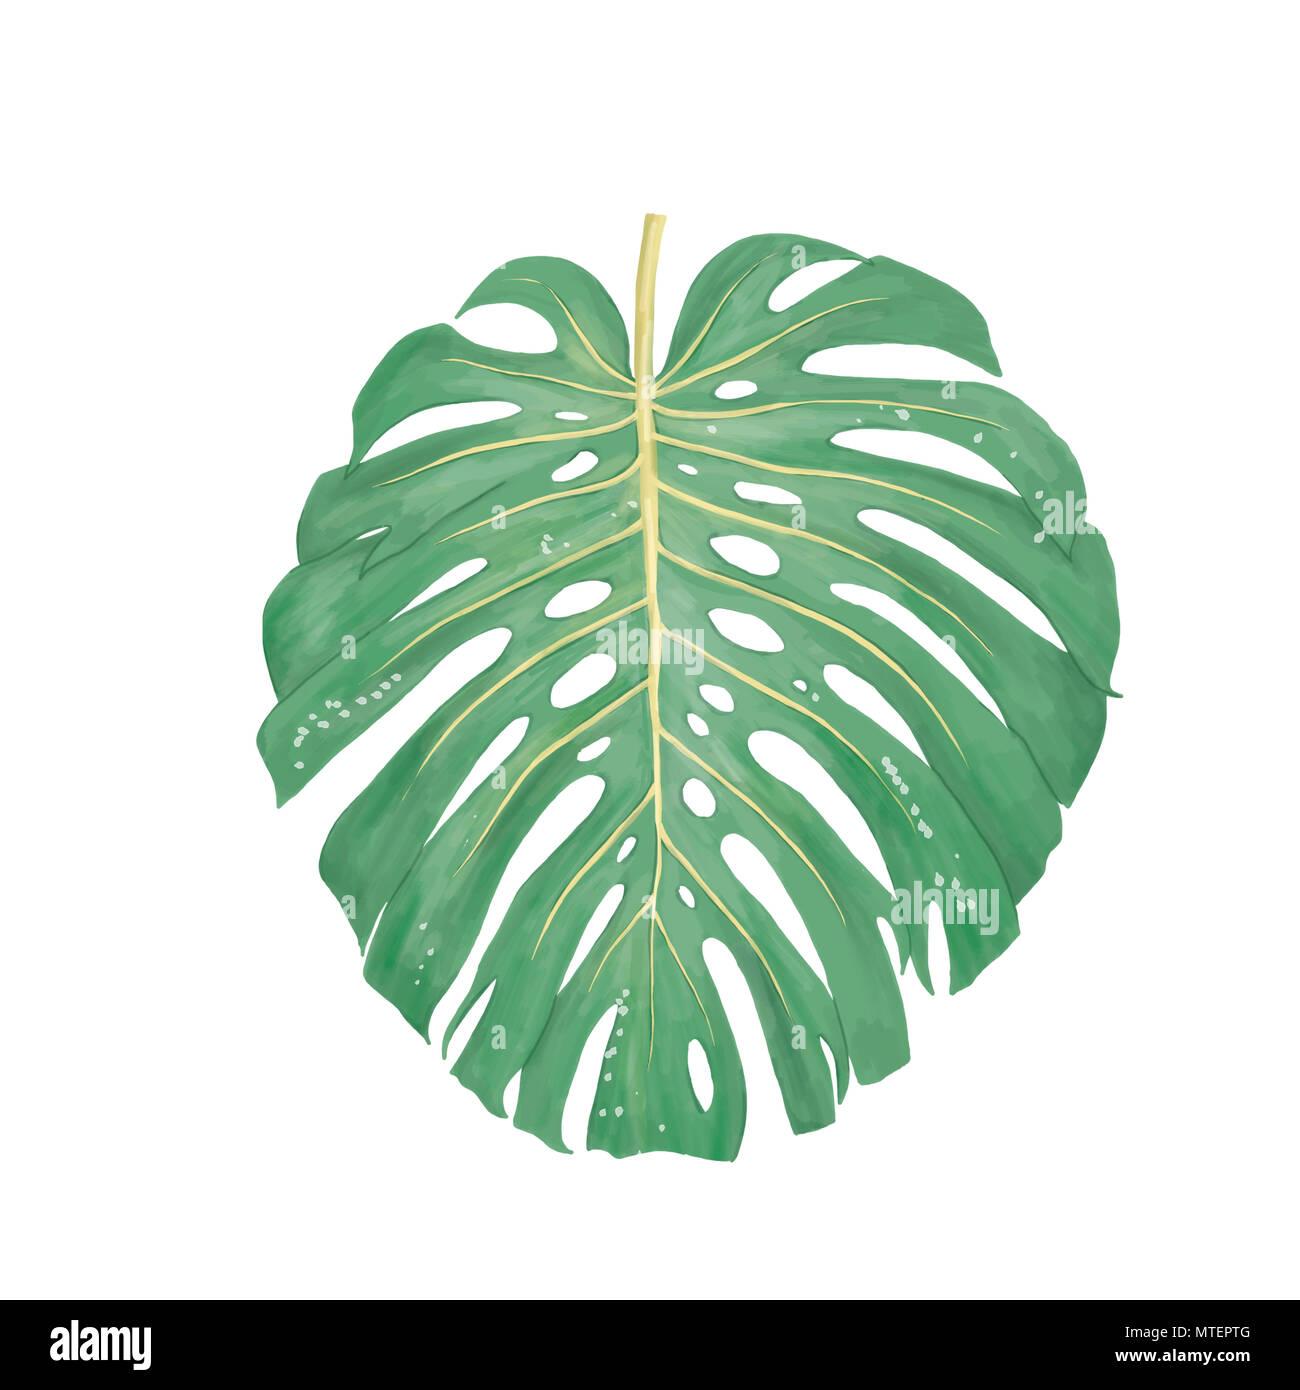 Tropical floral clip art foglia digitale. Estate impianto su sfondo bianco Immagini Stock